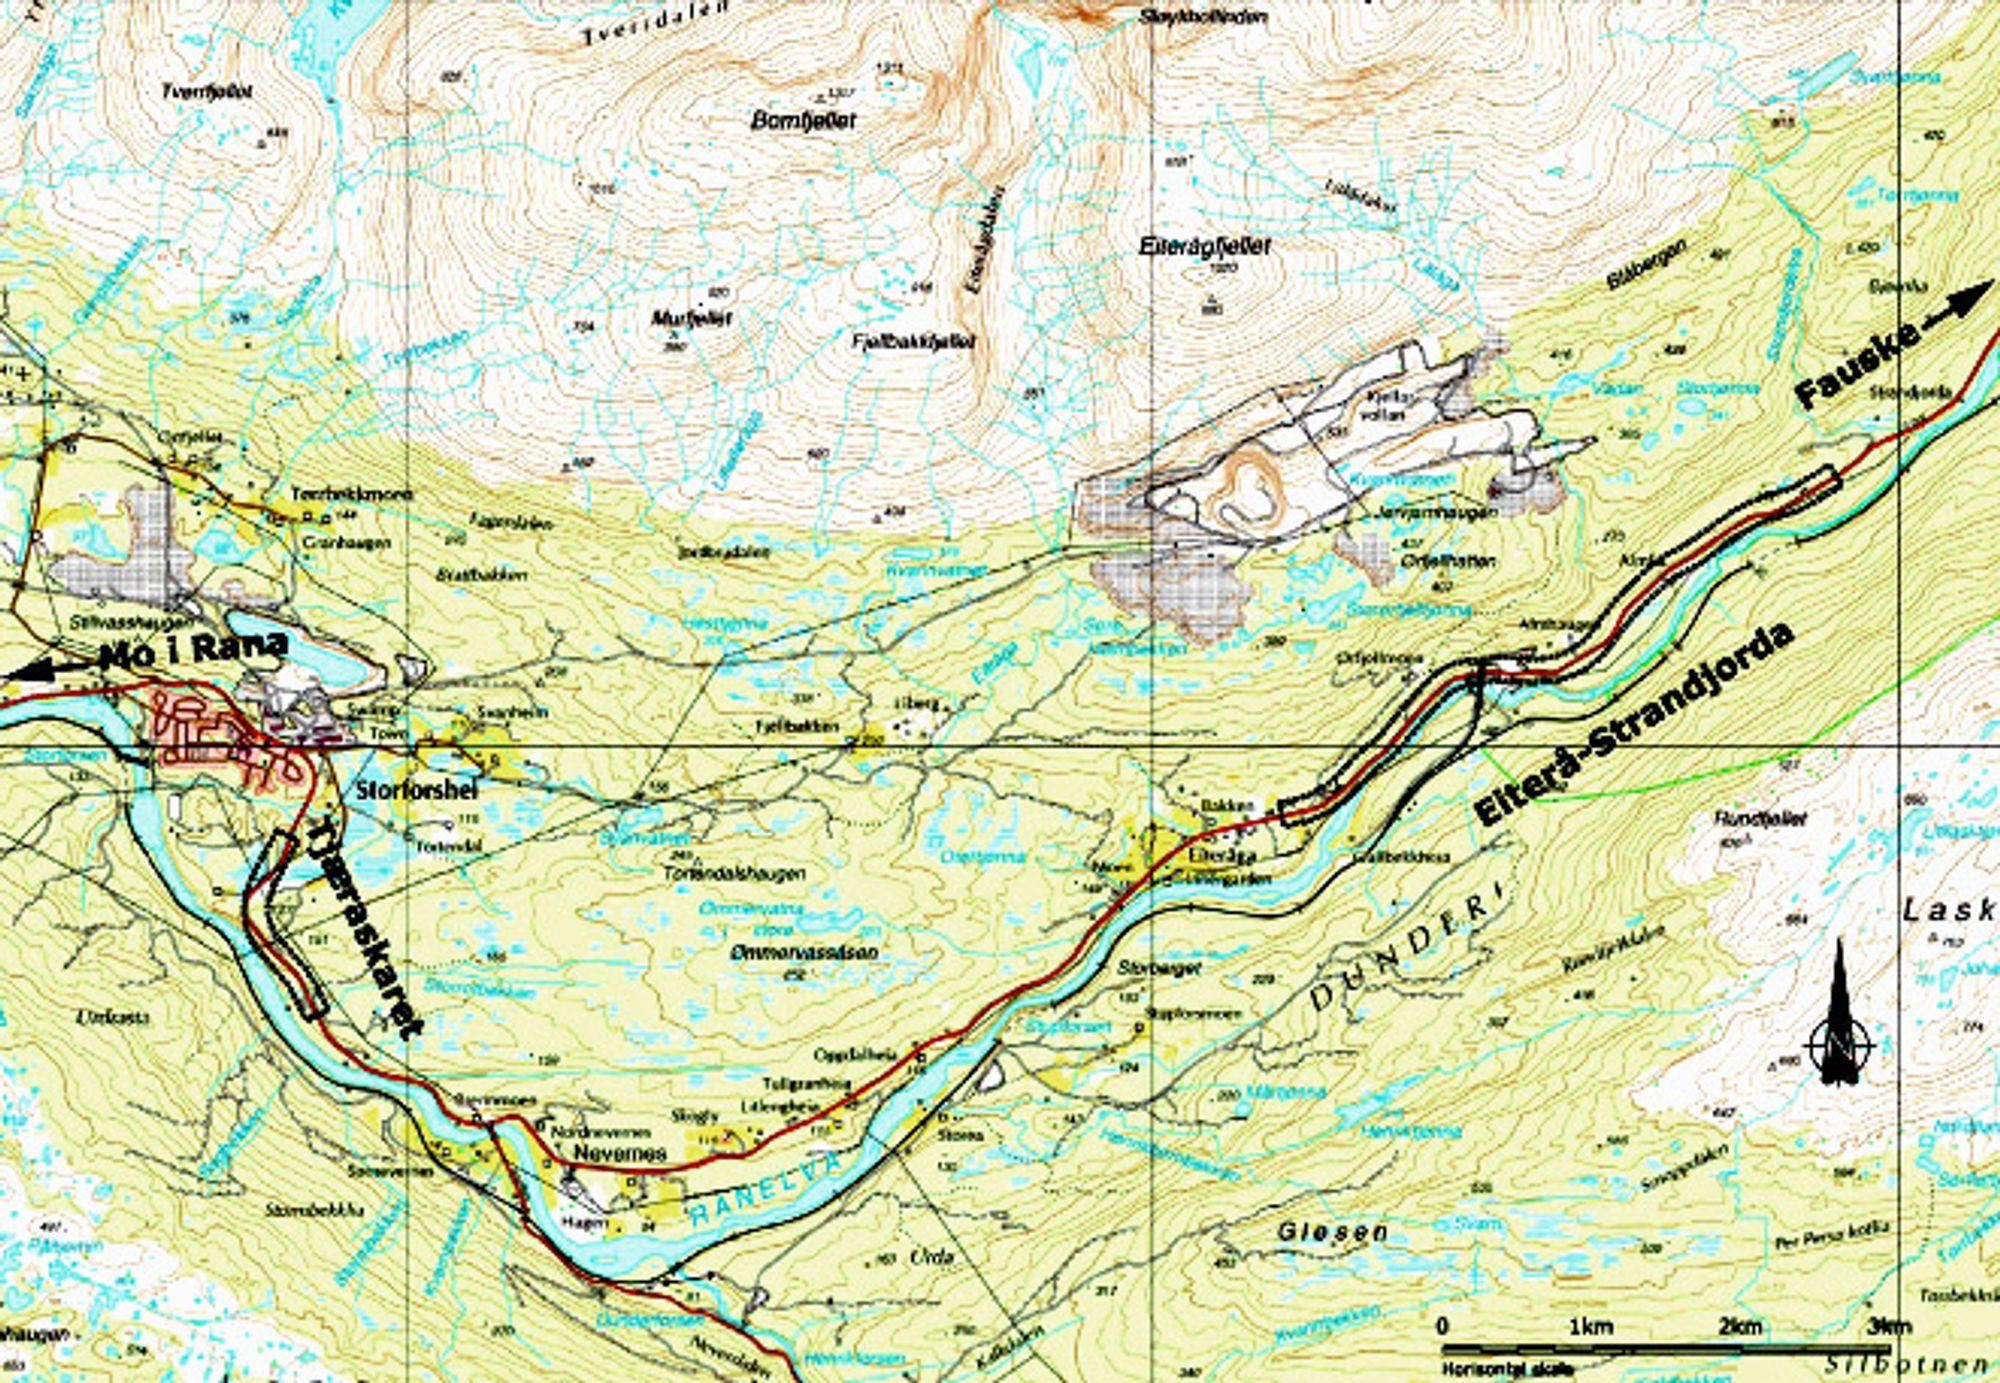 De to verste strekningene på E 6 gjennom Dunderlandsdalen blir utbedret innen 15. september neste år, men E 6 vil fortsatt ha lav standard gjennnom det meste av dalen.